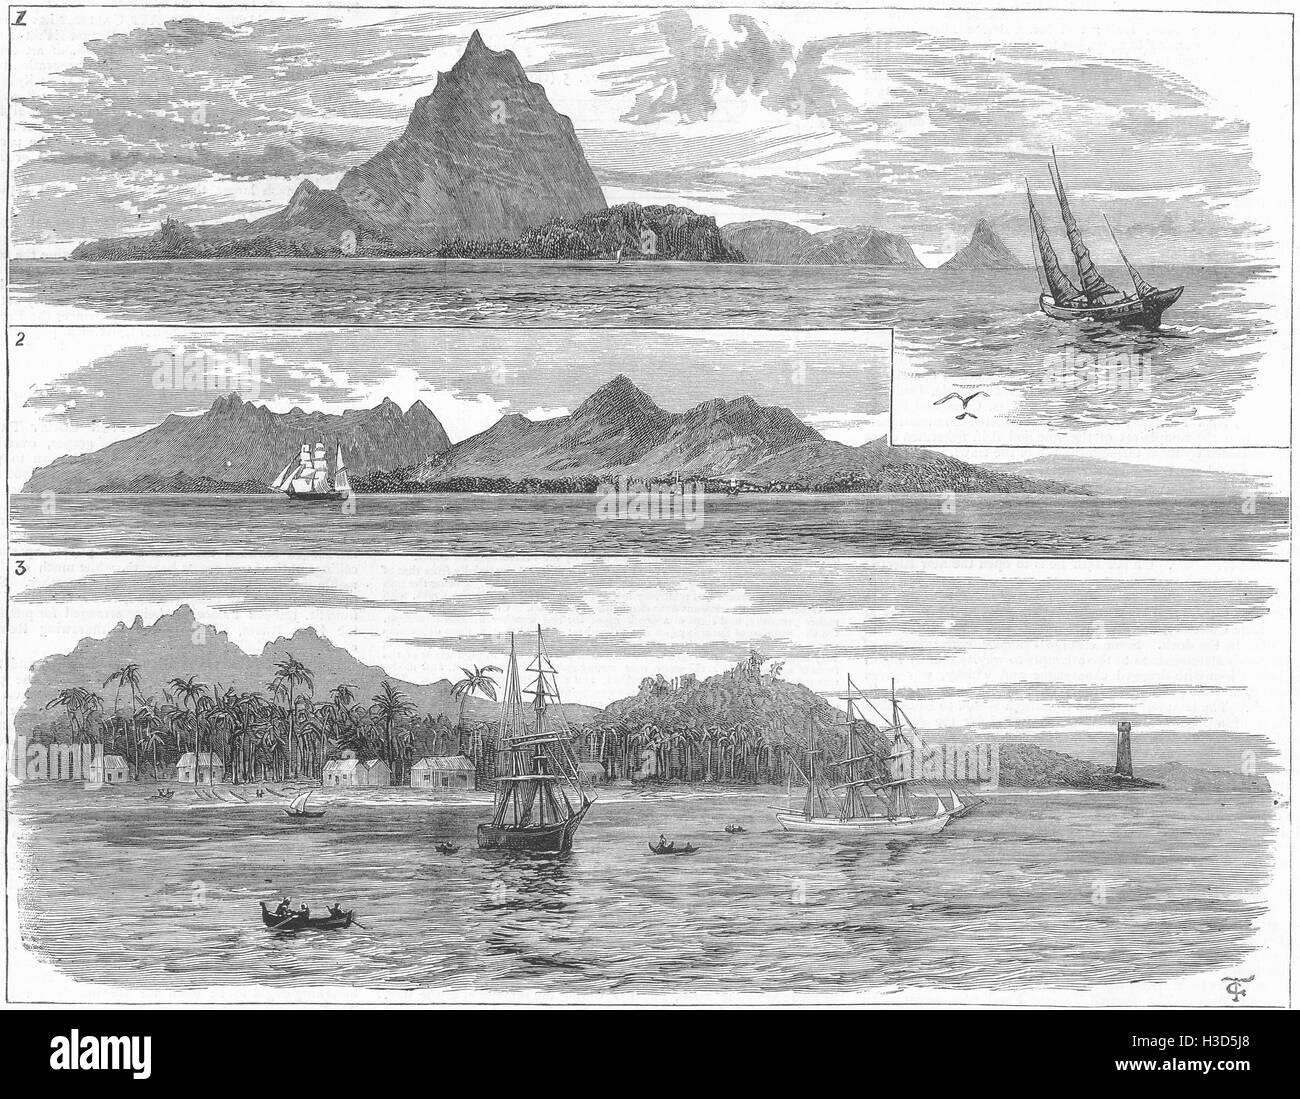 JAVA Volcanic Eruption-Krakatoa Anjer, completely destroyed; Sunda Straits 1883. The Illustrated London News - Stock Image